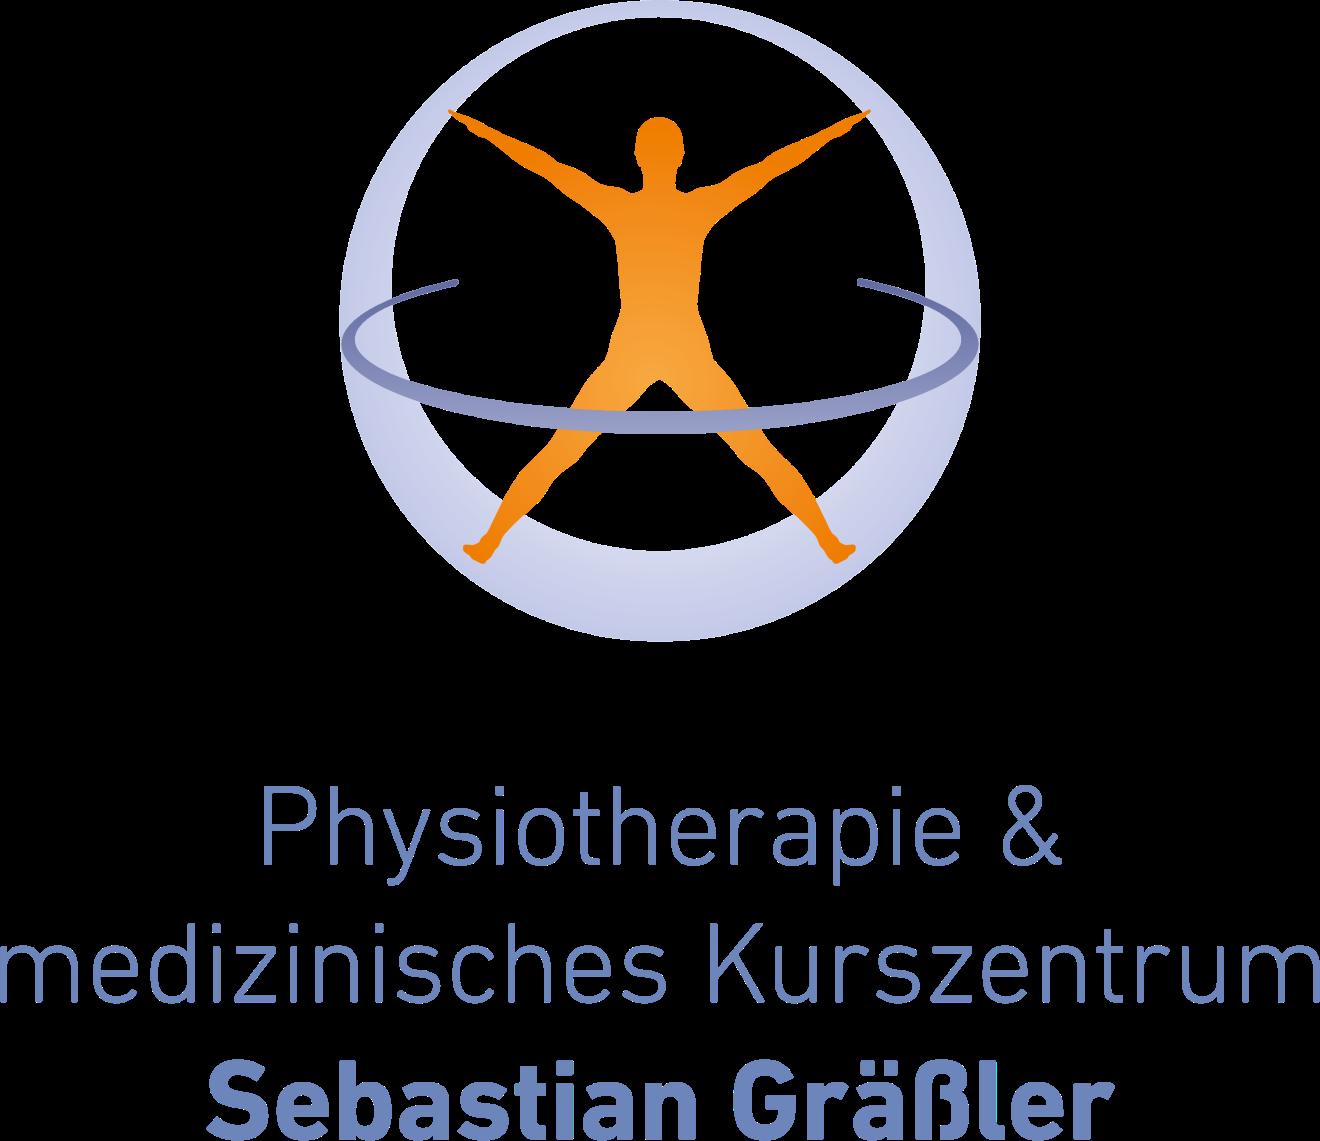 Praxis für Physiotherapie und medizinisches Kurszentrum Sebastian Gräßler